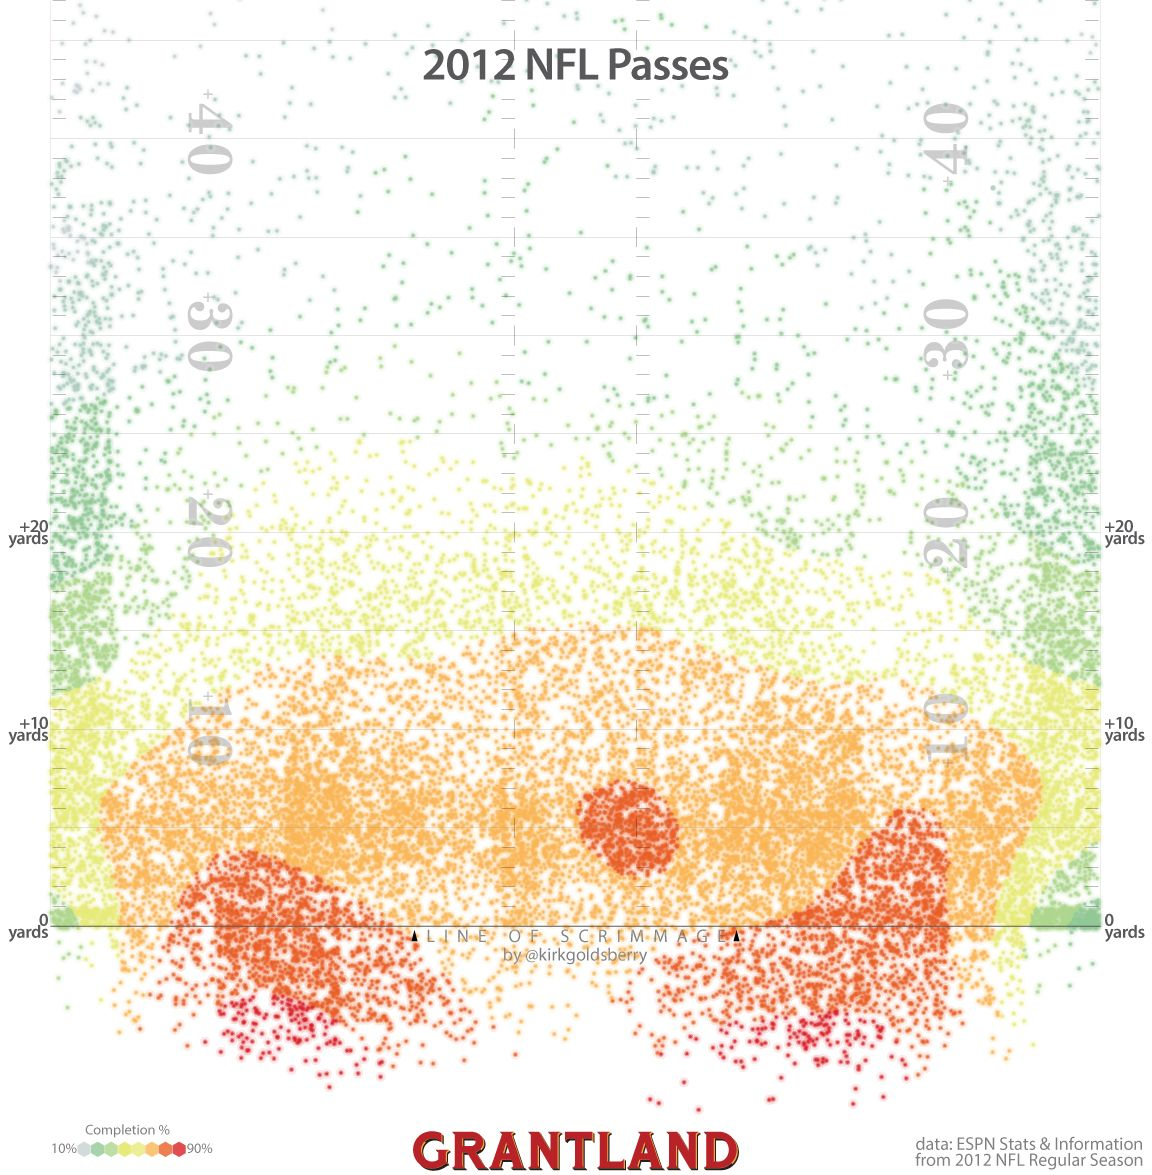 2012 NFL Passes - Kirk Goldsberry/Grantland